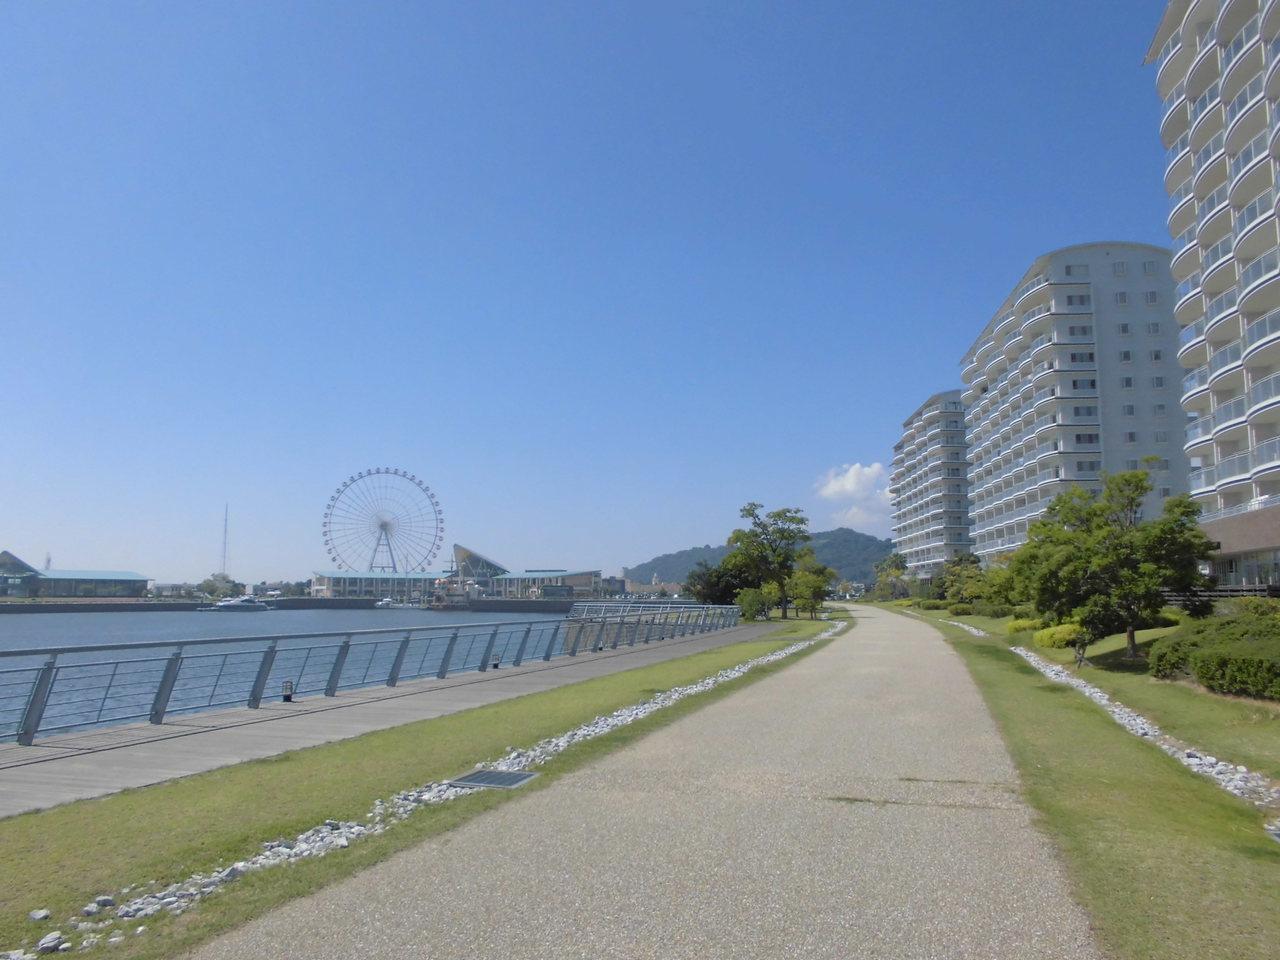 海沿いの遊歩道は愛犬の散歩やジョギング、サイクリングなどが楽しめます。